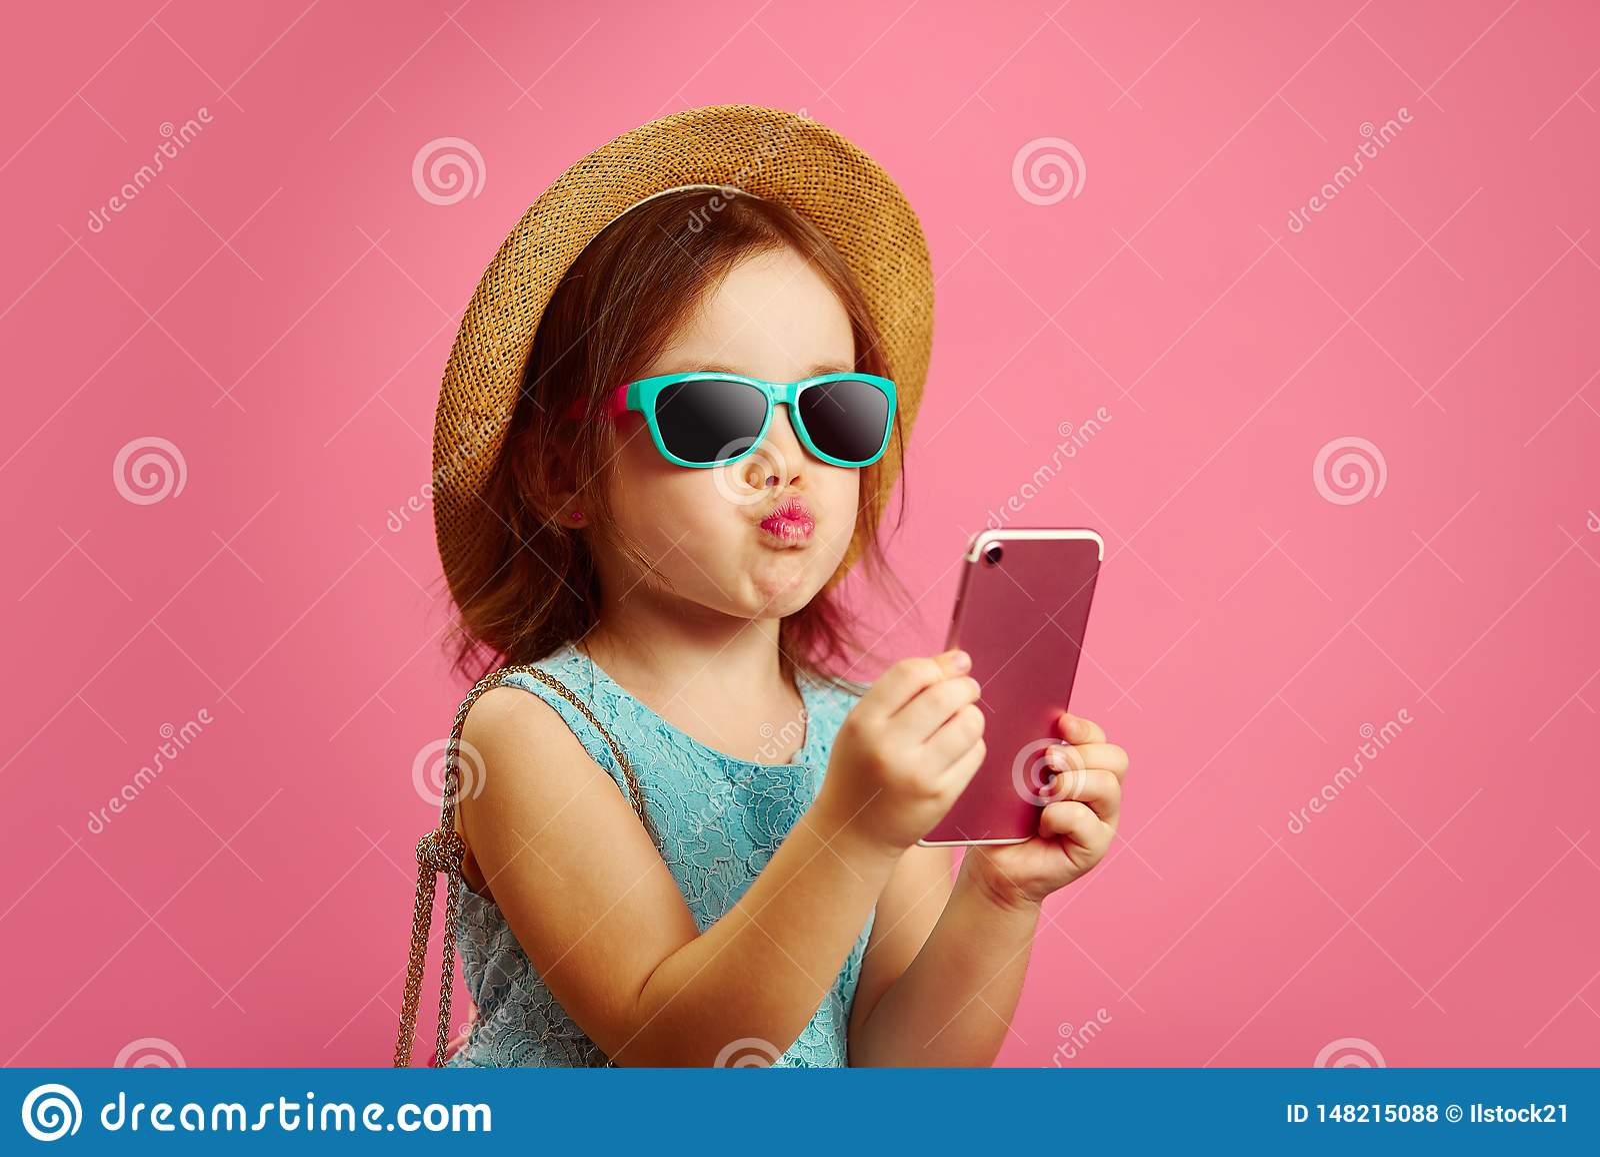 Το μικρό κορίτσι κάνει ένα πορτρέτο selfie στο τηλέφωνο, τραβά τα χείλια της στη κάμερα, φορά ένα καπέλο αχύρου και τα γυαλιά ηλί